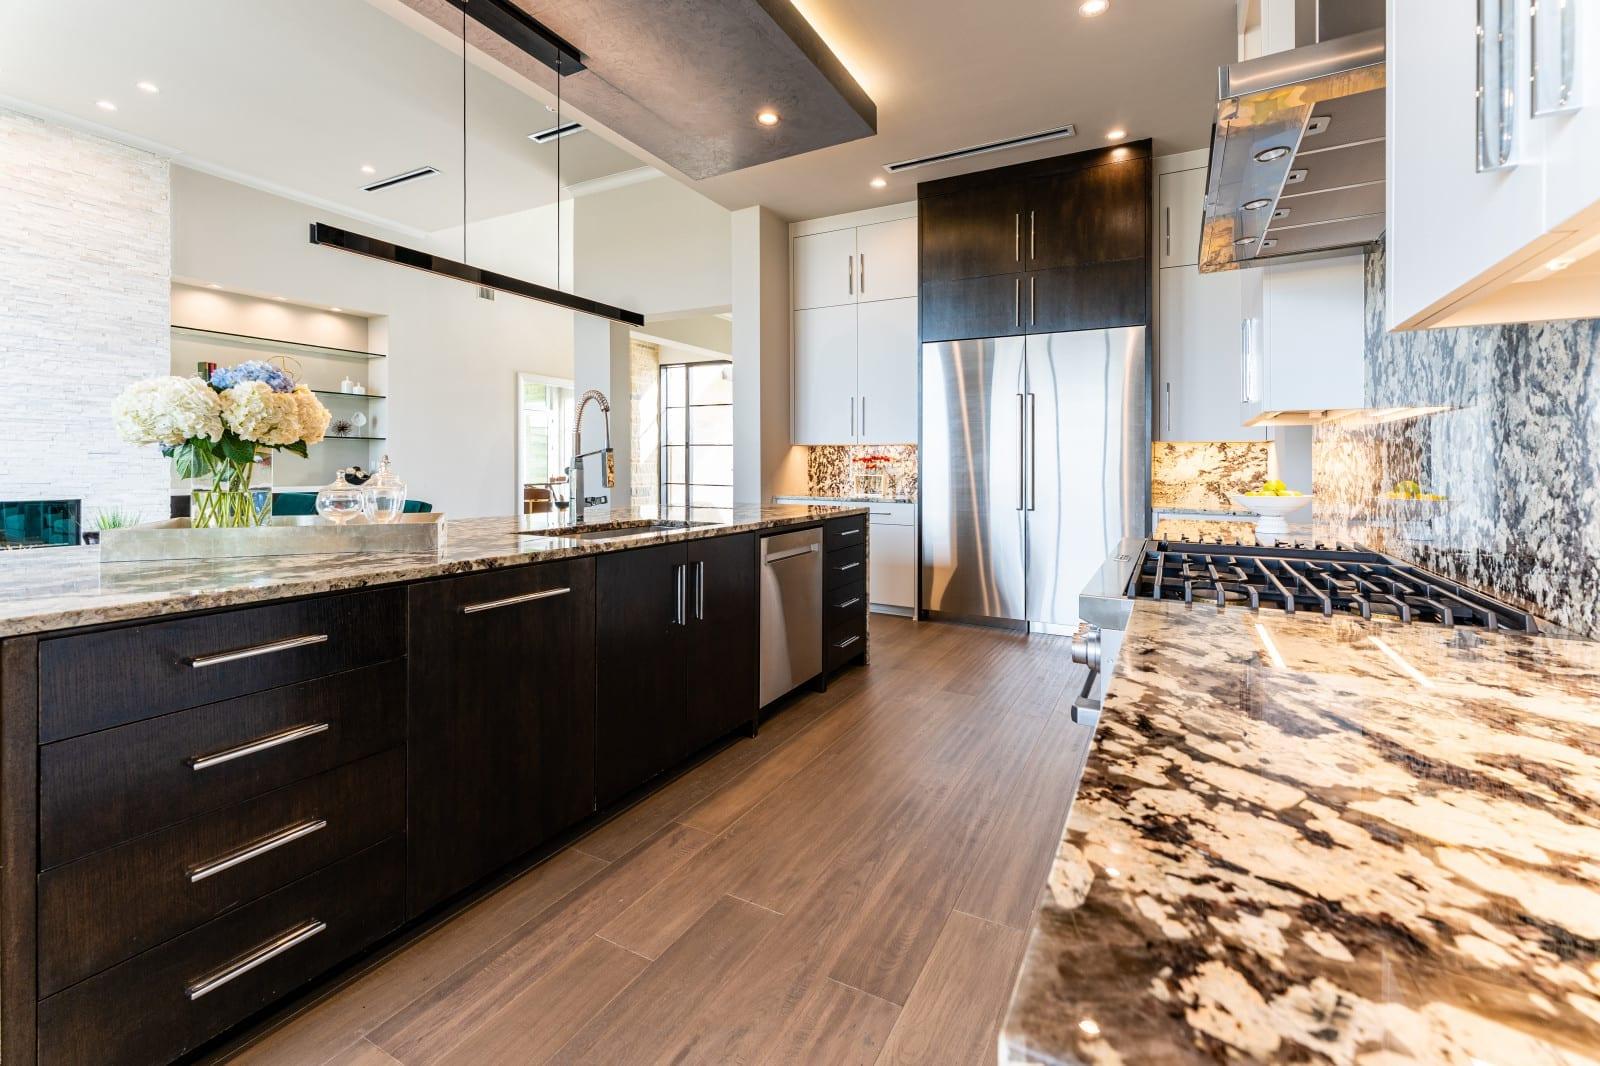 modern home design 14 - Millennial Design + Build